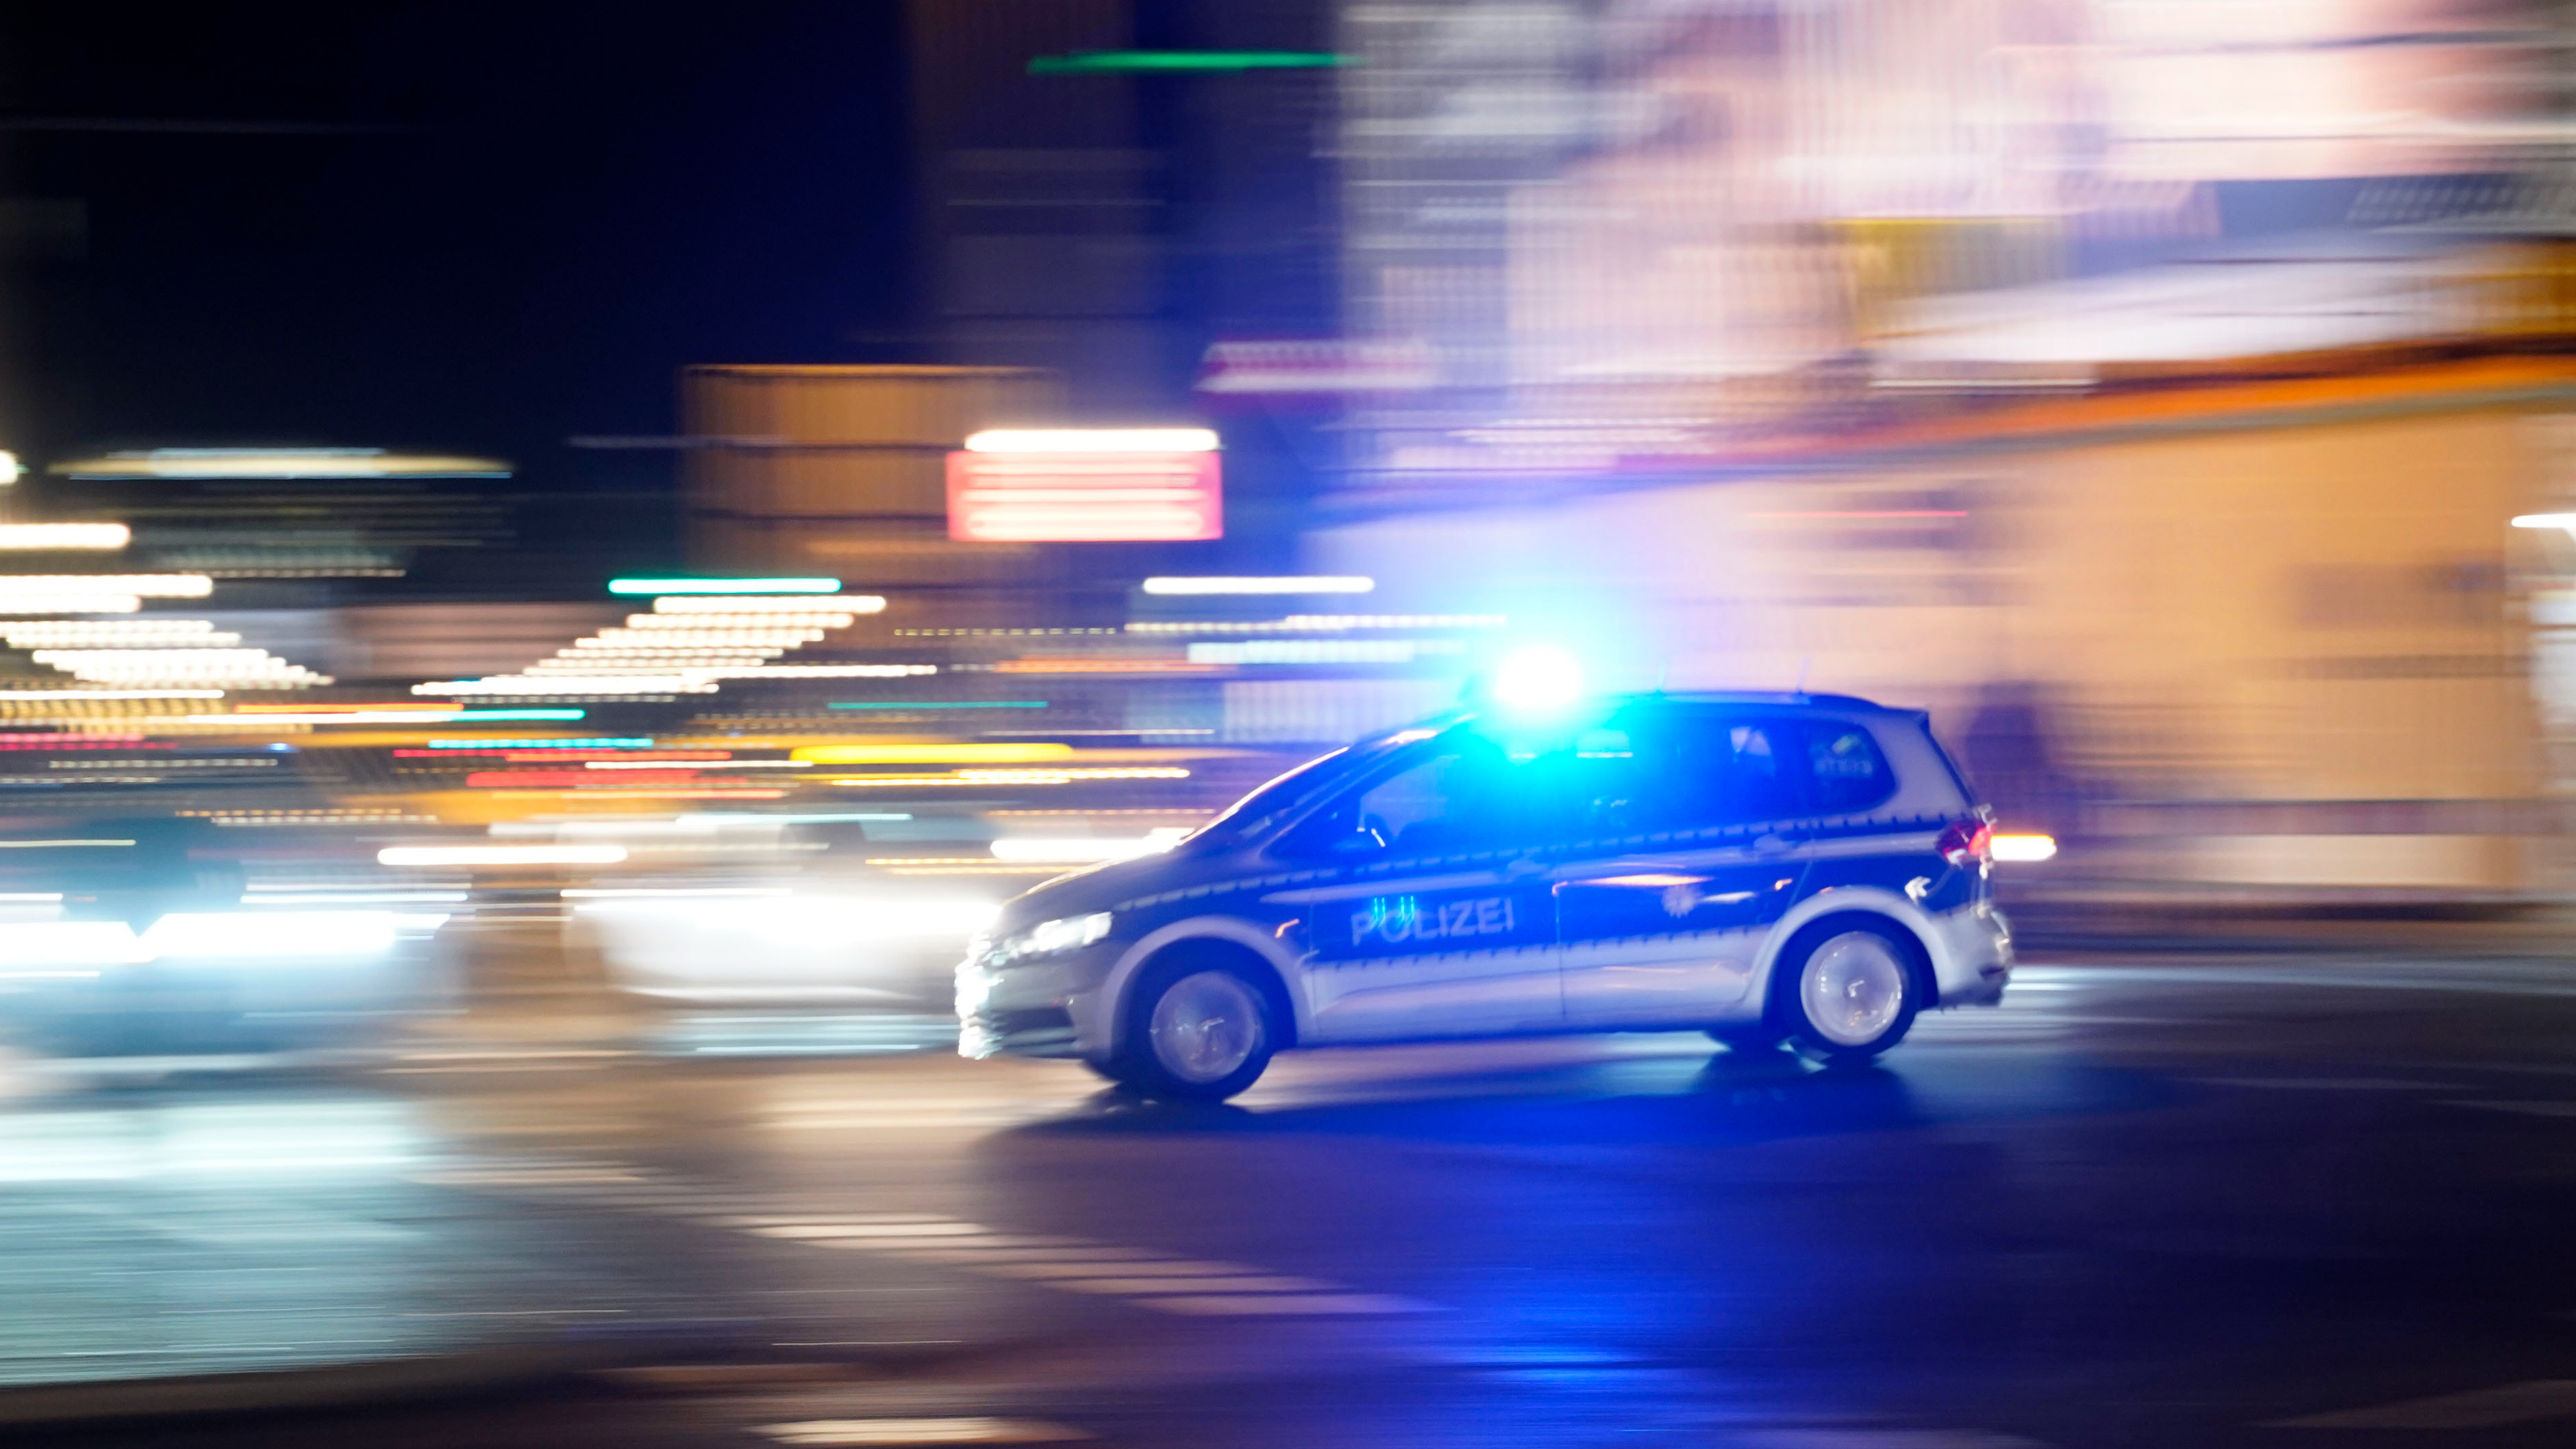 Polizeiauto der Polizei Berlin im Einsatz. Quelle: dpa/Thomas Bartilla/Geisler-Fotopress